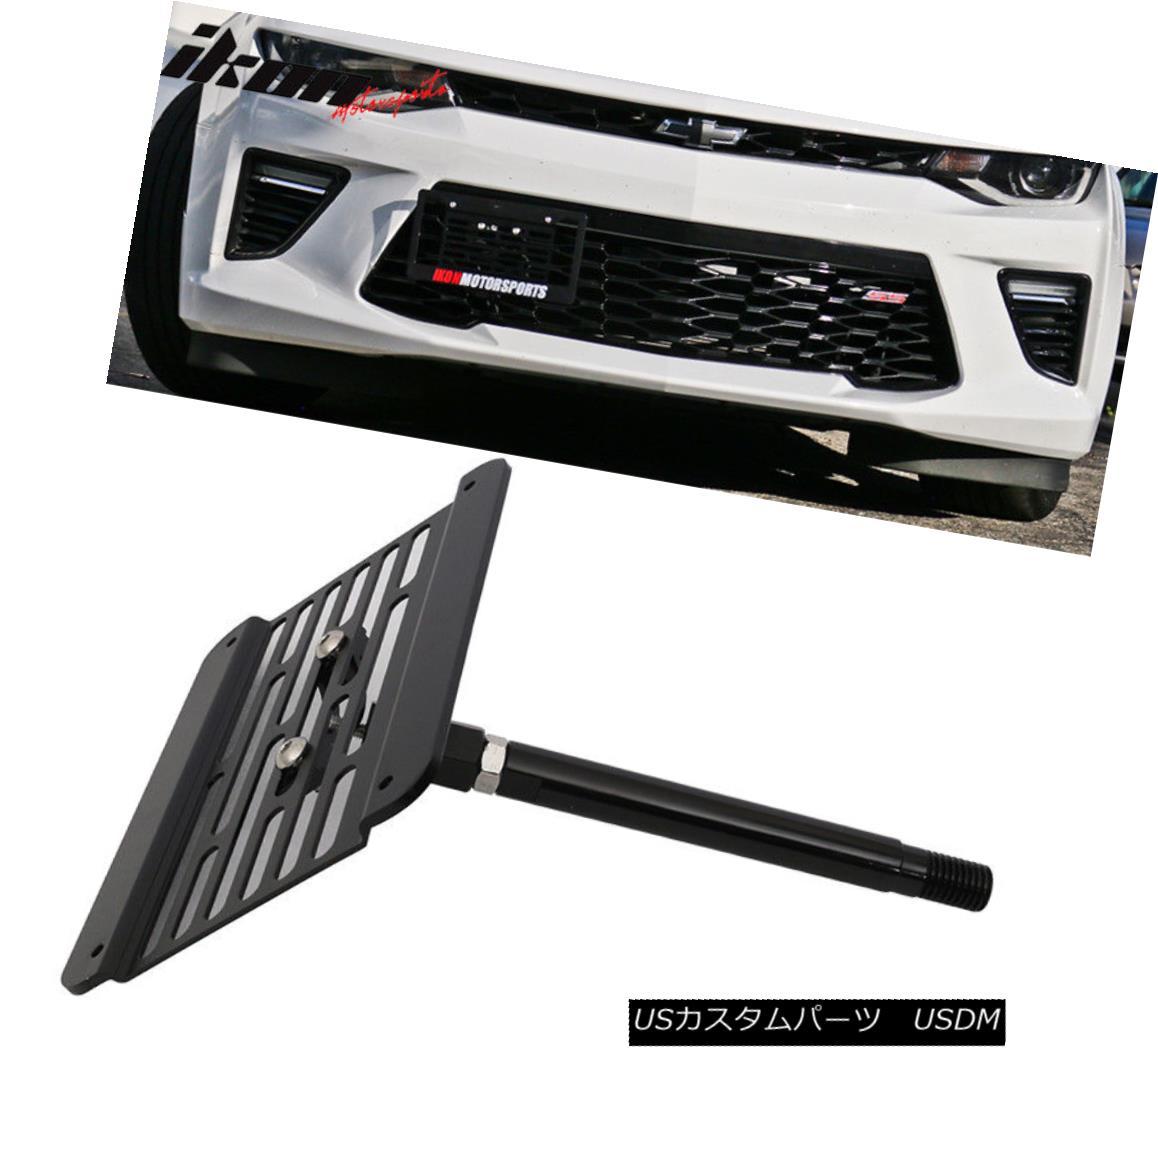 エアロパーツ Fits 16-17 Chevy Camaro Towhook Adapter for License Plate Relocation Kit ライセンスプレートリロケーションキット用16-17 Chevy Camaro Towhookアダプタに適合